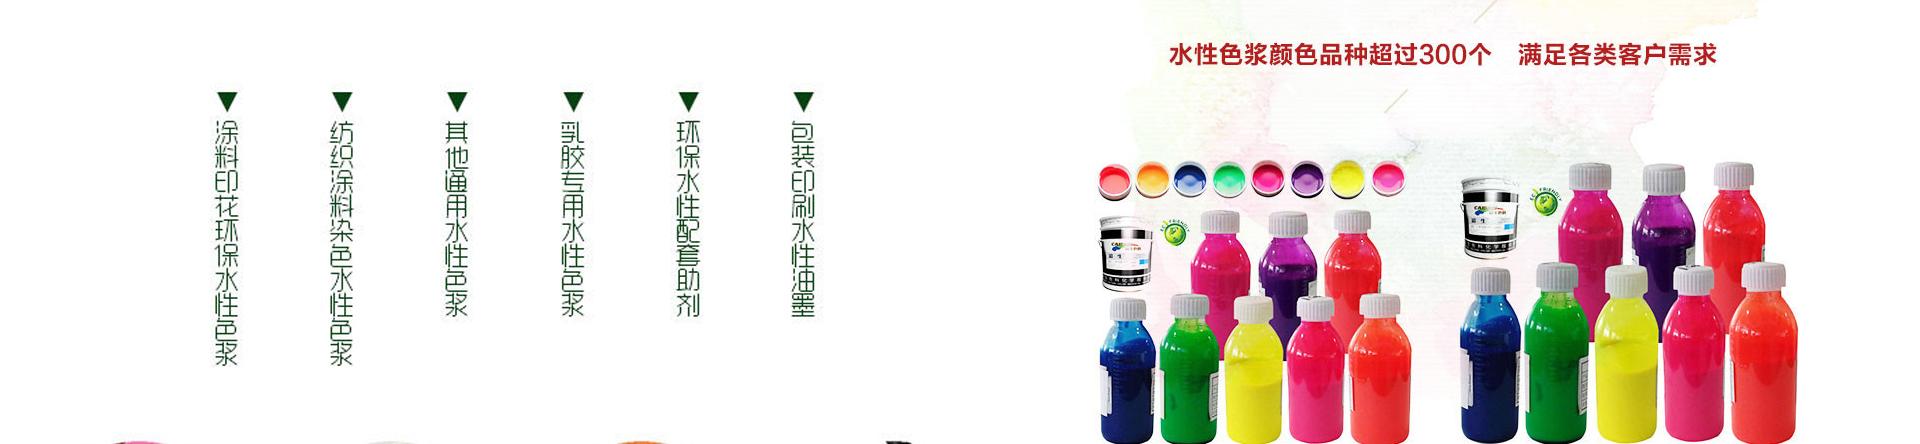 色彩盛宴_02.jpg